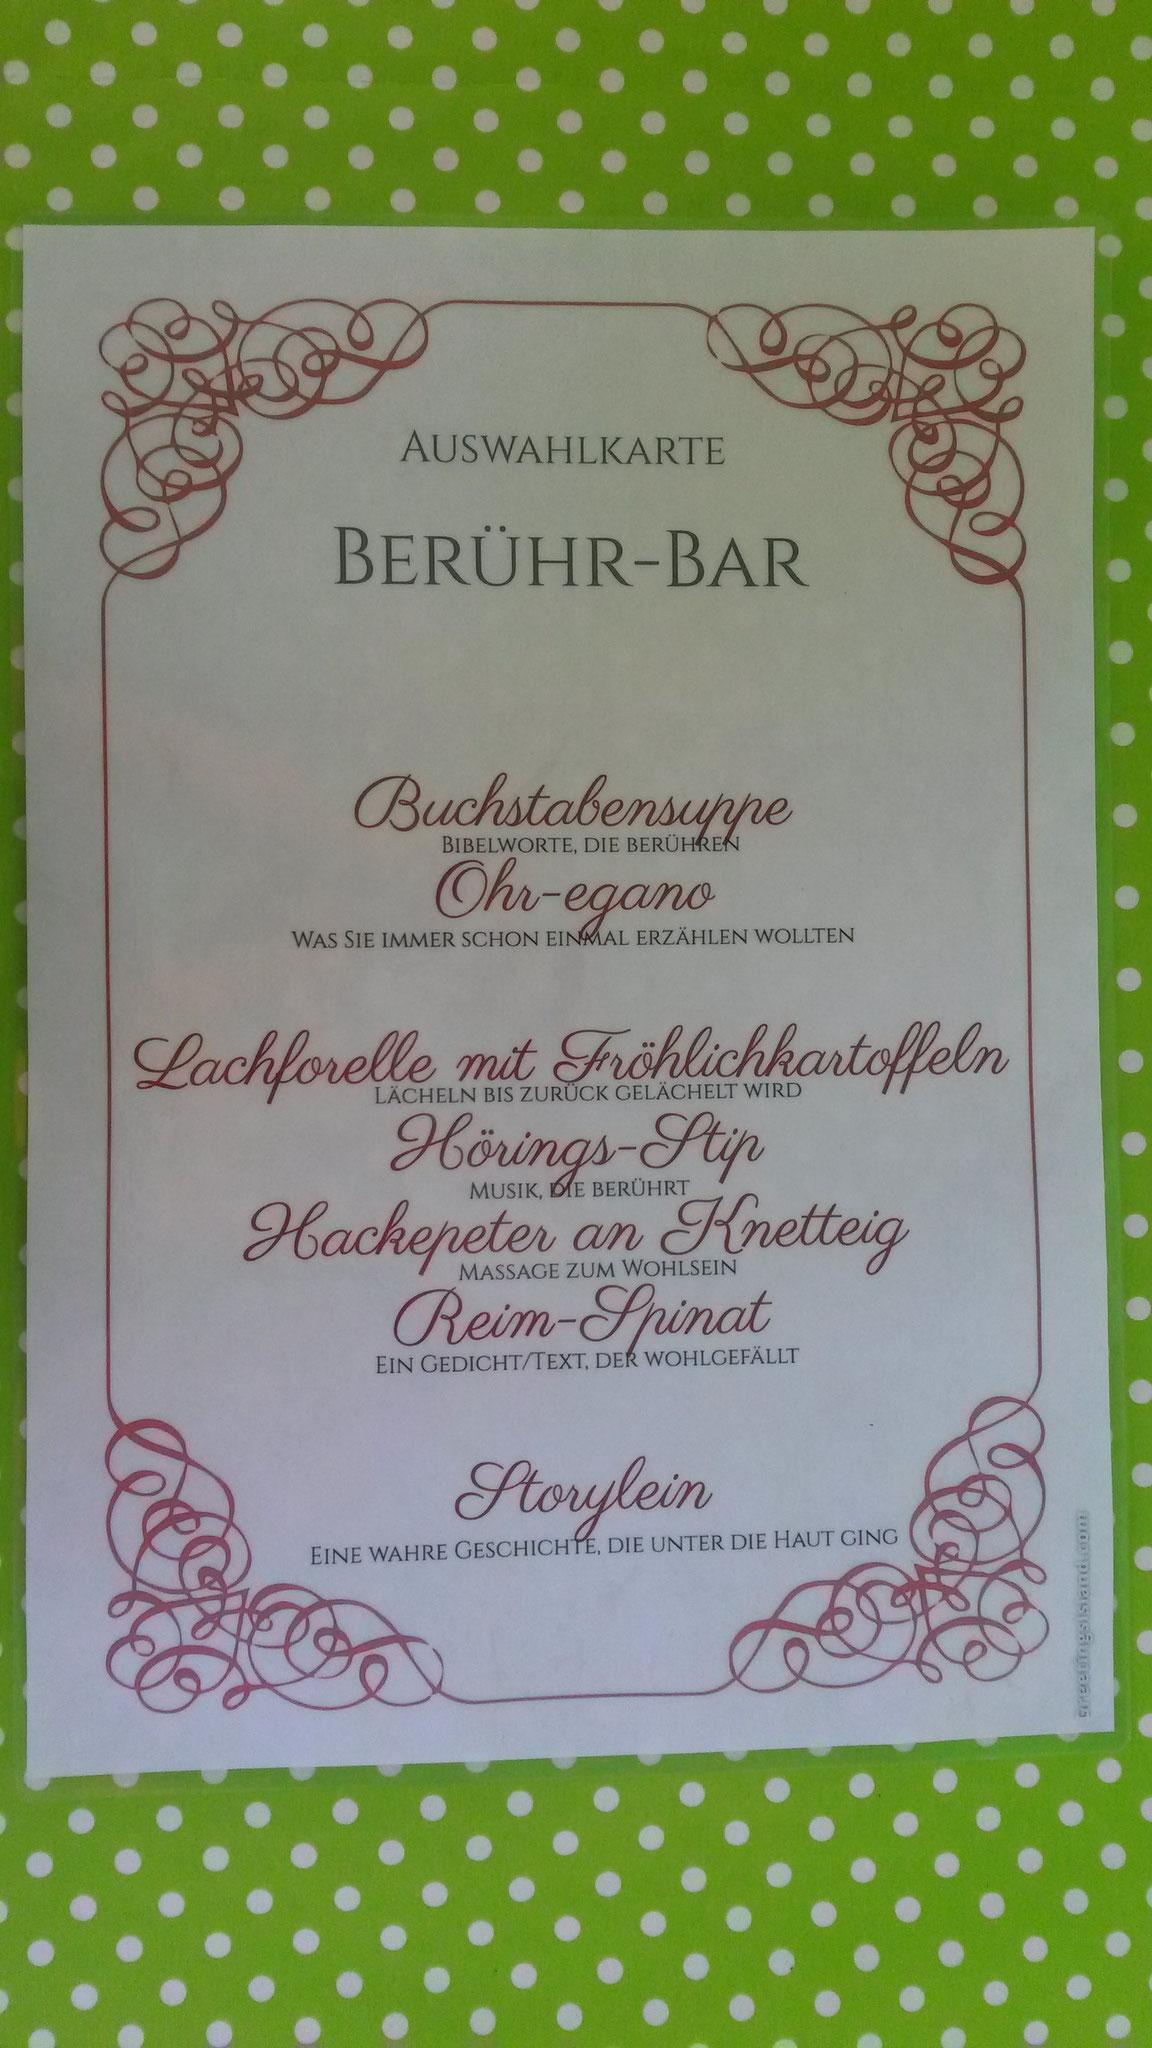 Berühr-Bar in Kray 2019